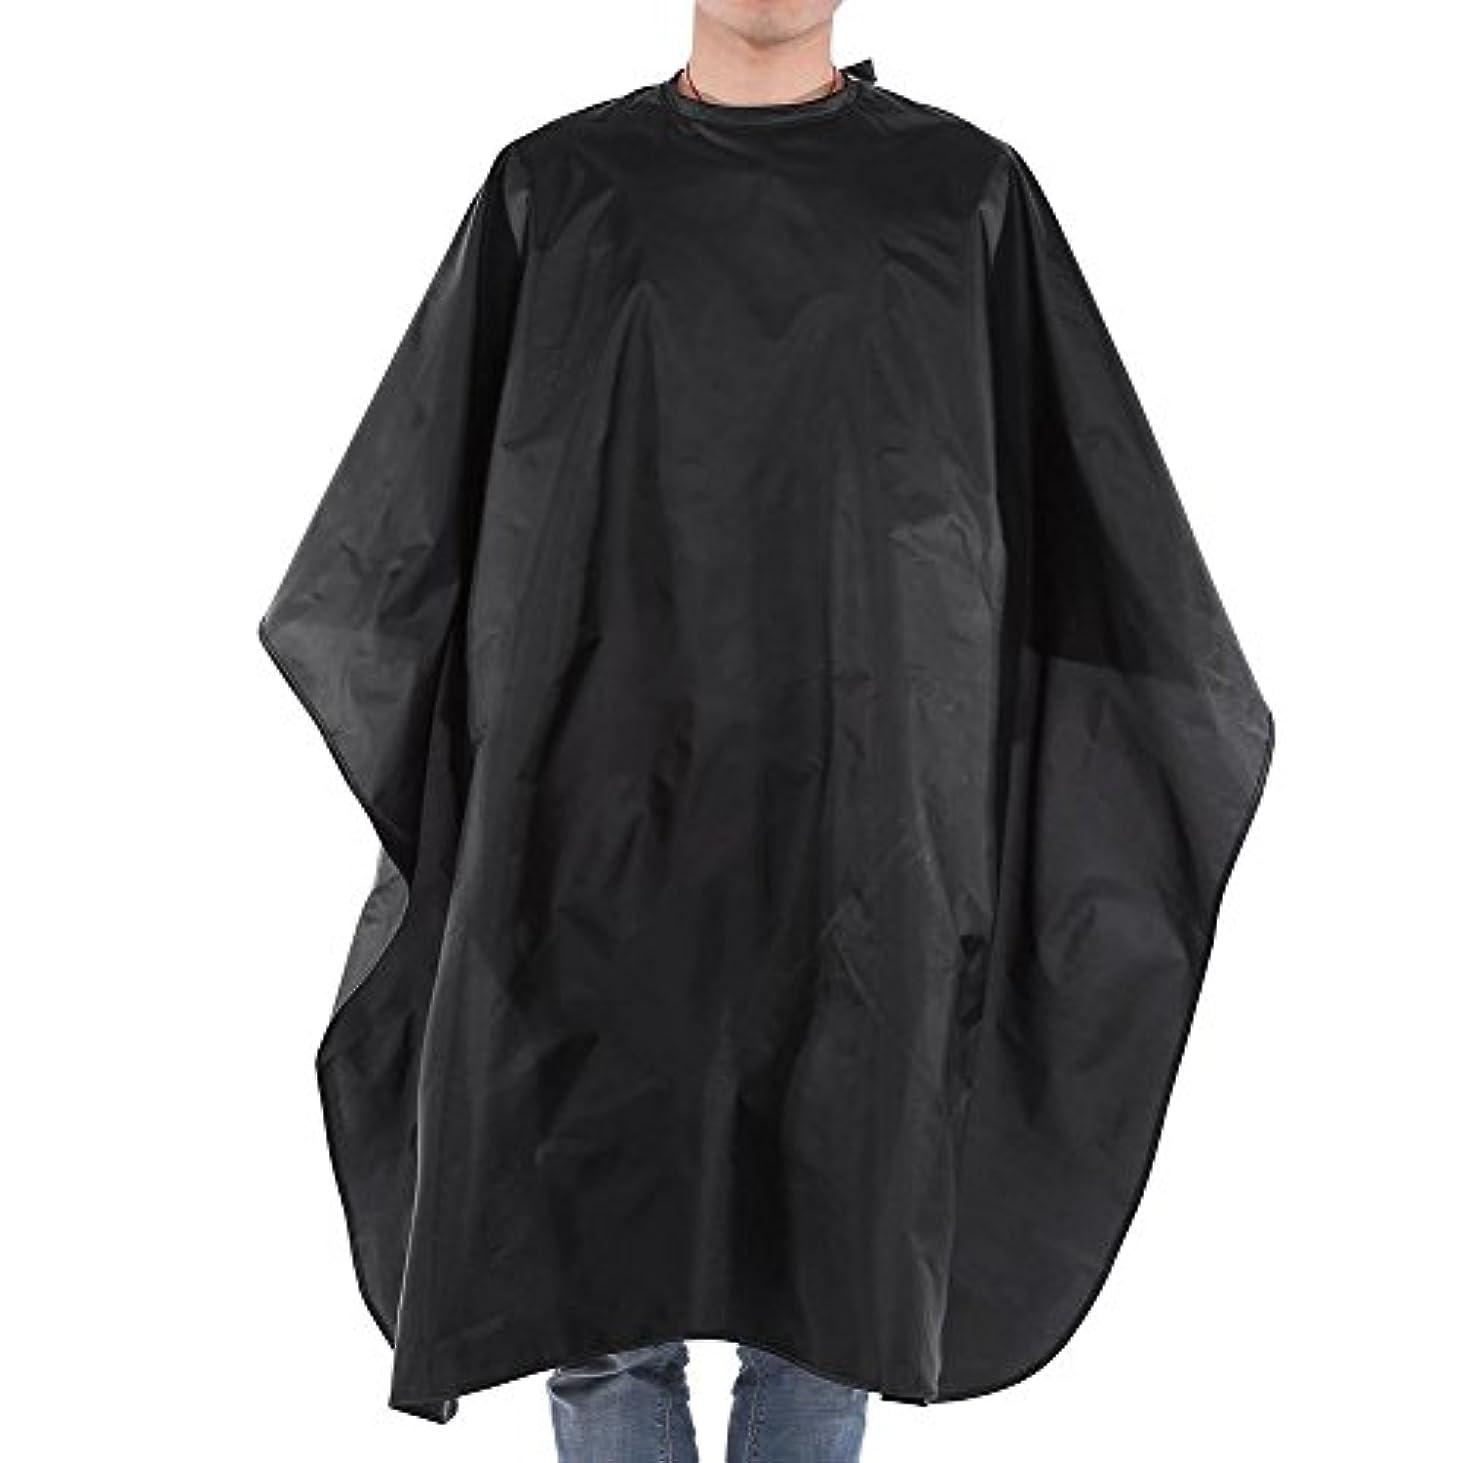 スプーン全員オーブン理容室スタイリングケープ、ブラックサロンヘアカット理髪理髪店ケープガウン大人の布防水スナップクロージャー59×47インチ